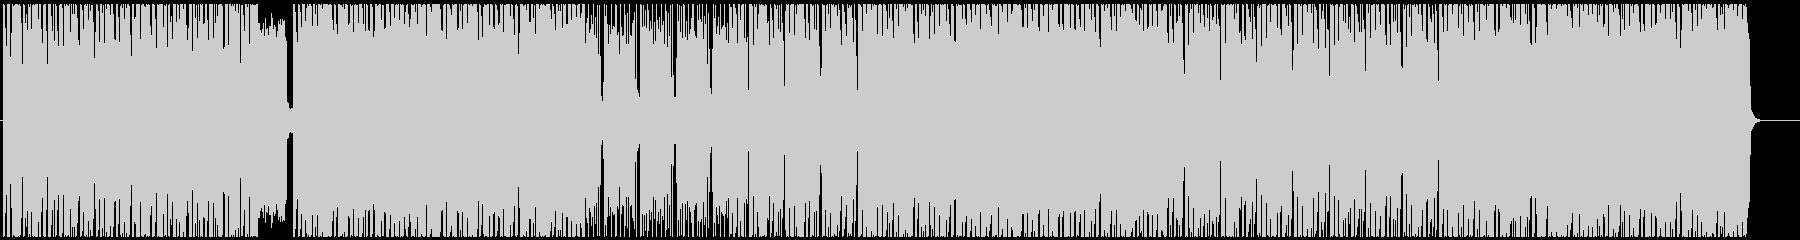 インディーズ ロック 緊張感 燃焼...の未再生の波形